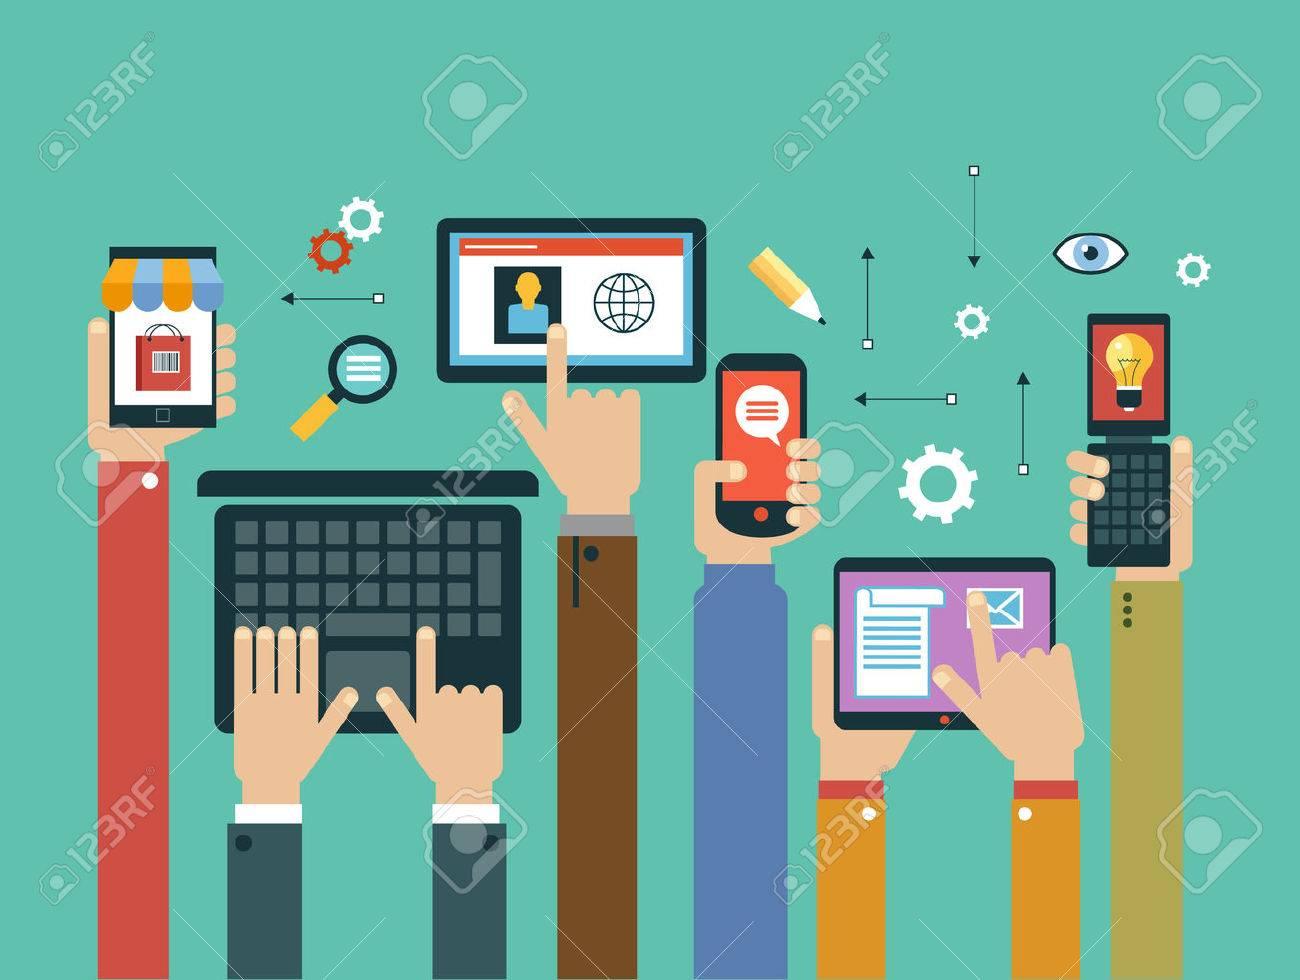 Mobile Apps Konzept. Mobile Anwendungen Konzept. Flaches Design Vektor-Illustration. Menschliche Hand mit Handy, Tablet, Laptop und Interface-Icons Standard-Bild - 59138544